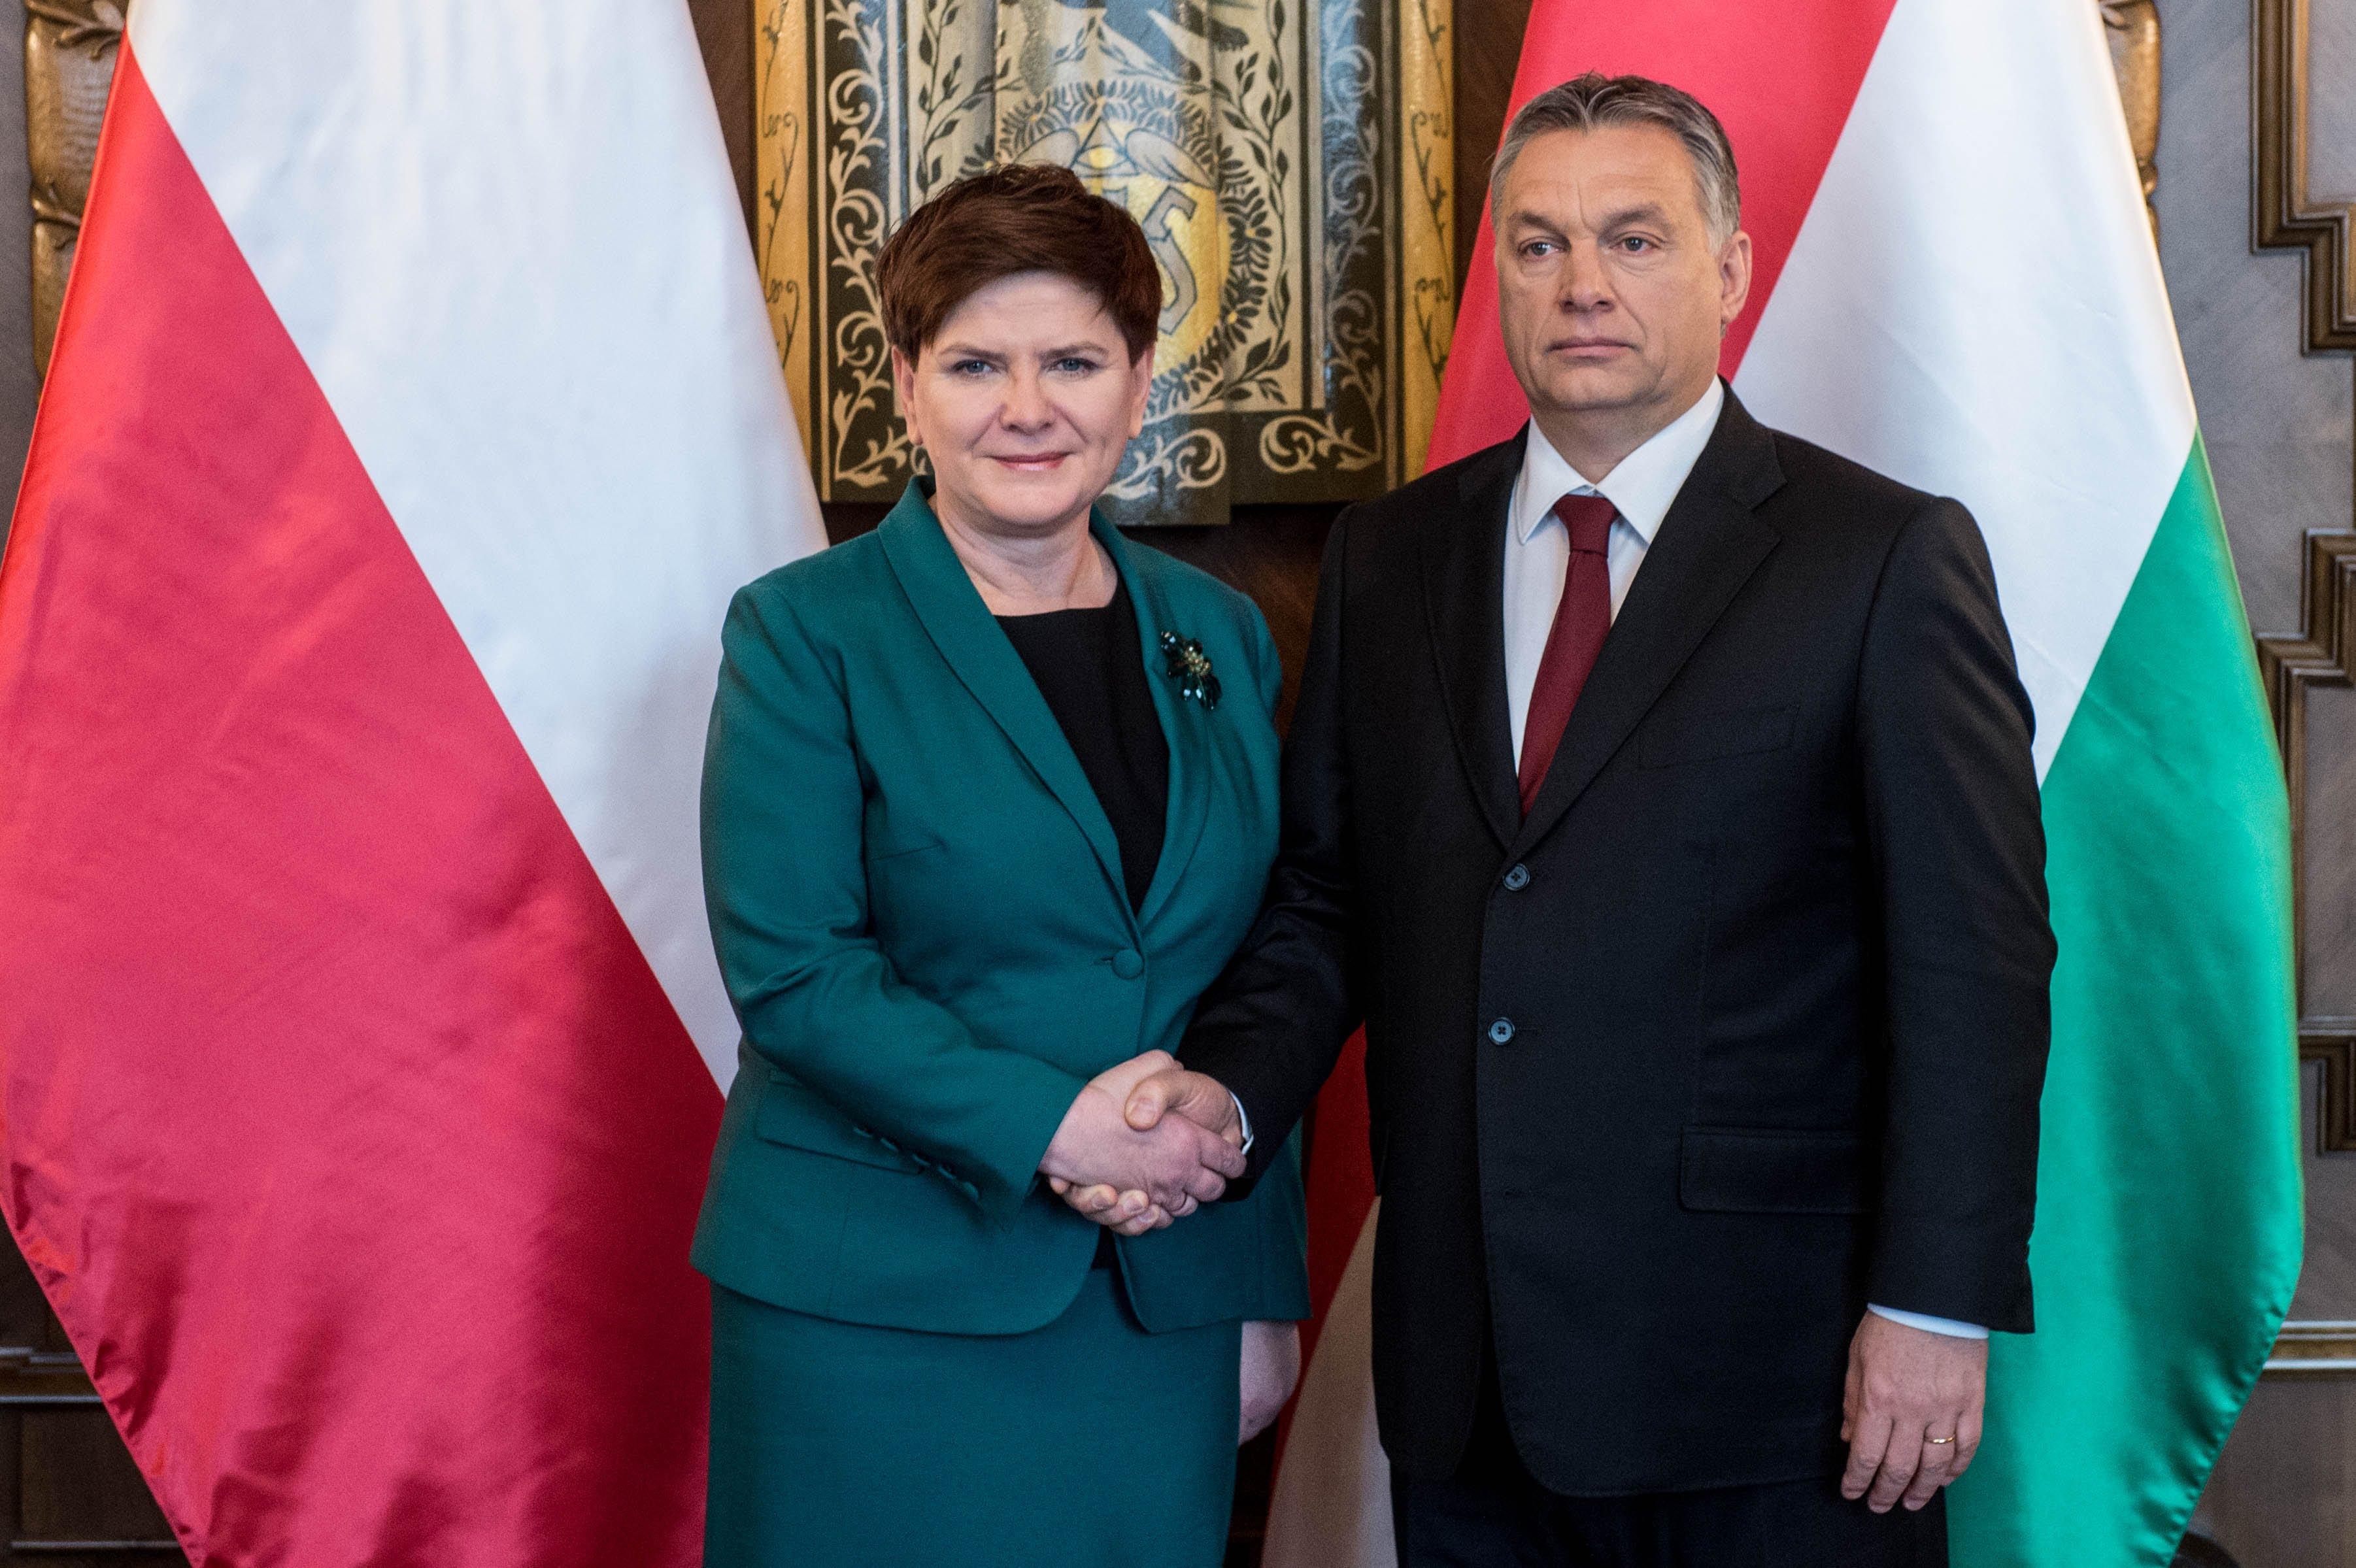 A volt lengyel miniszterelnököt nevezték ki az Auschwitz Múzeum fontos posztjára, túlélők családjai tiltakoznak « Mérce